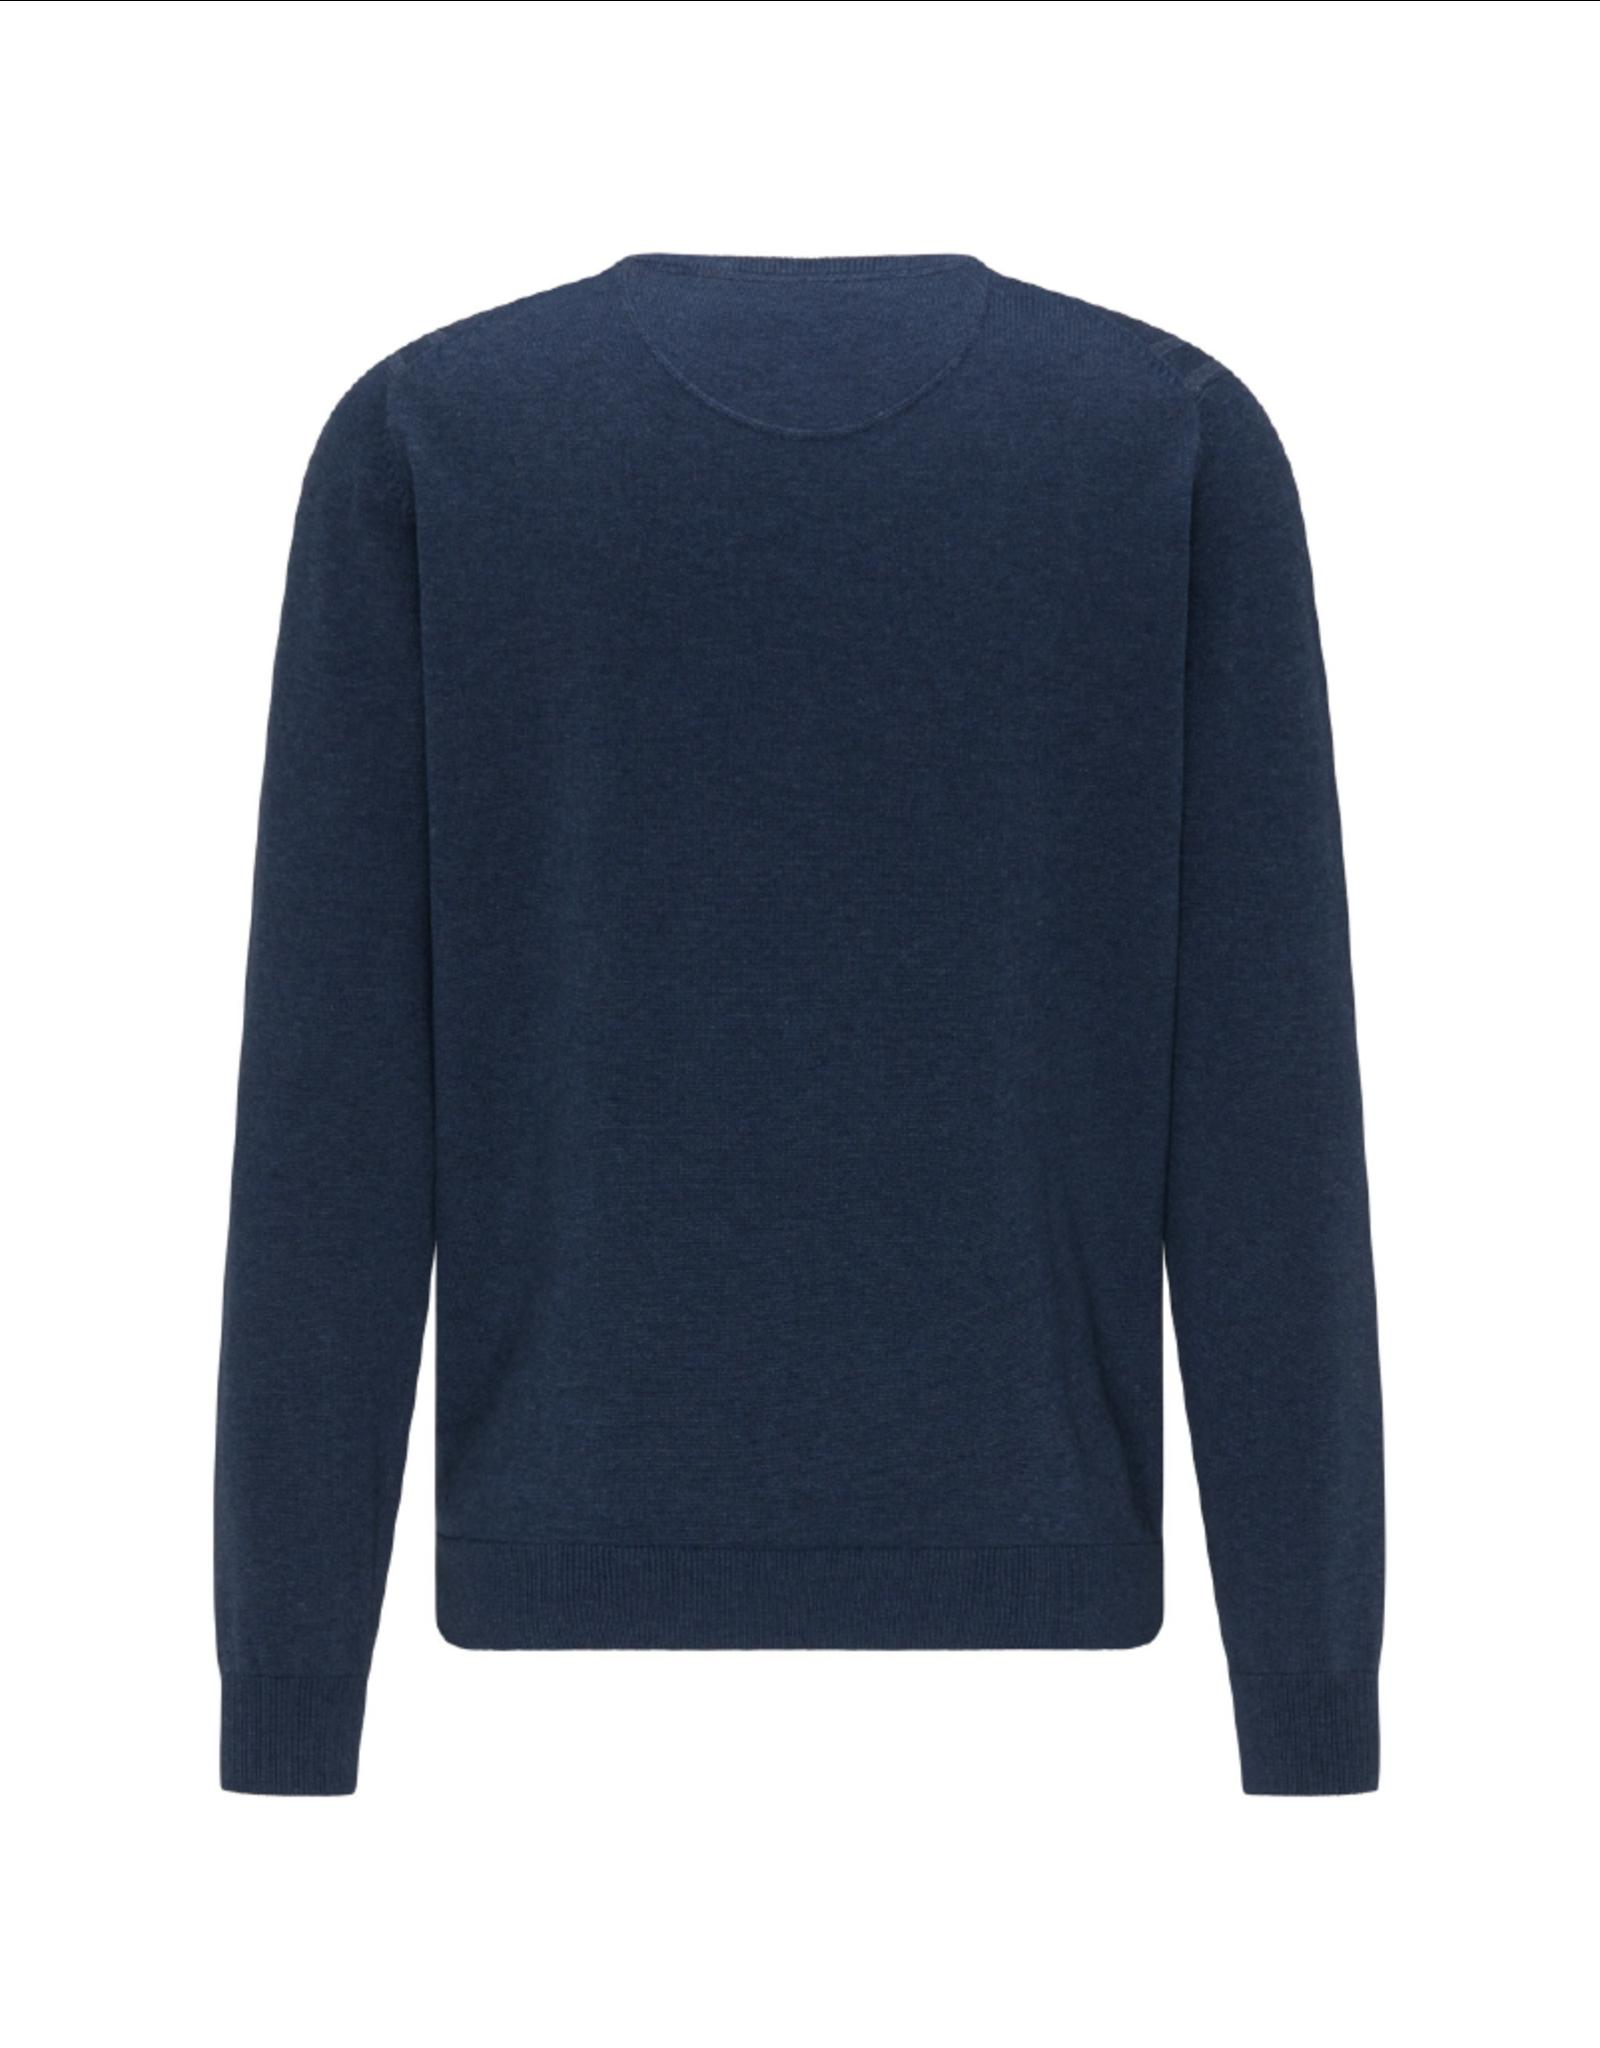 Fynch Hatton Roundneck Plaid Cotton Sweater